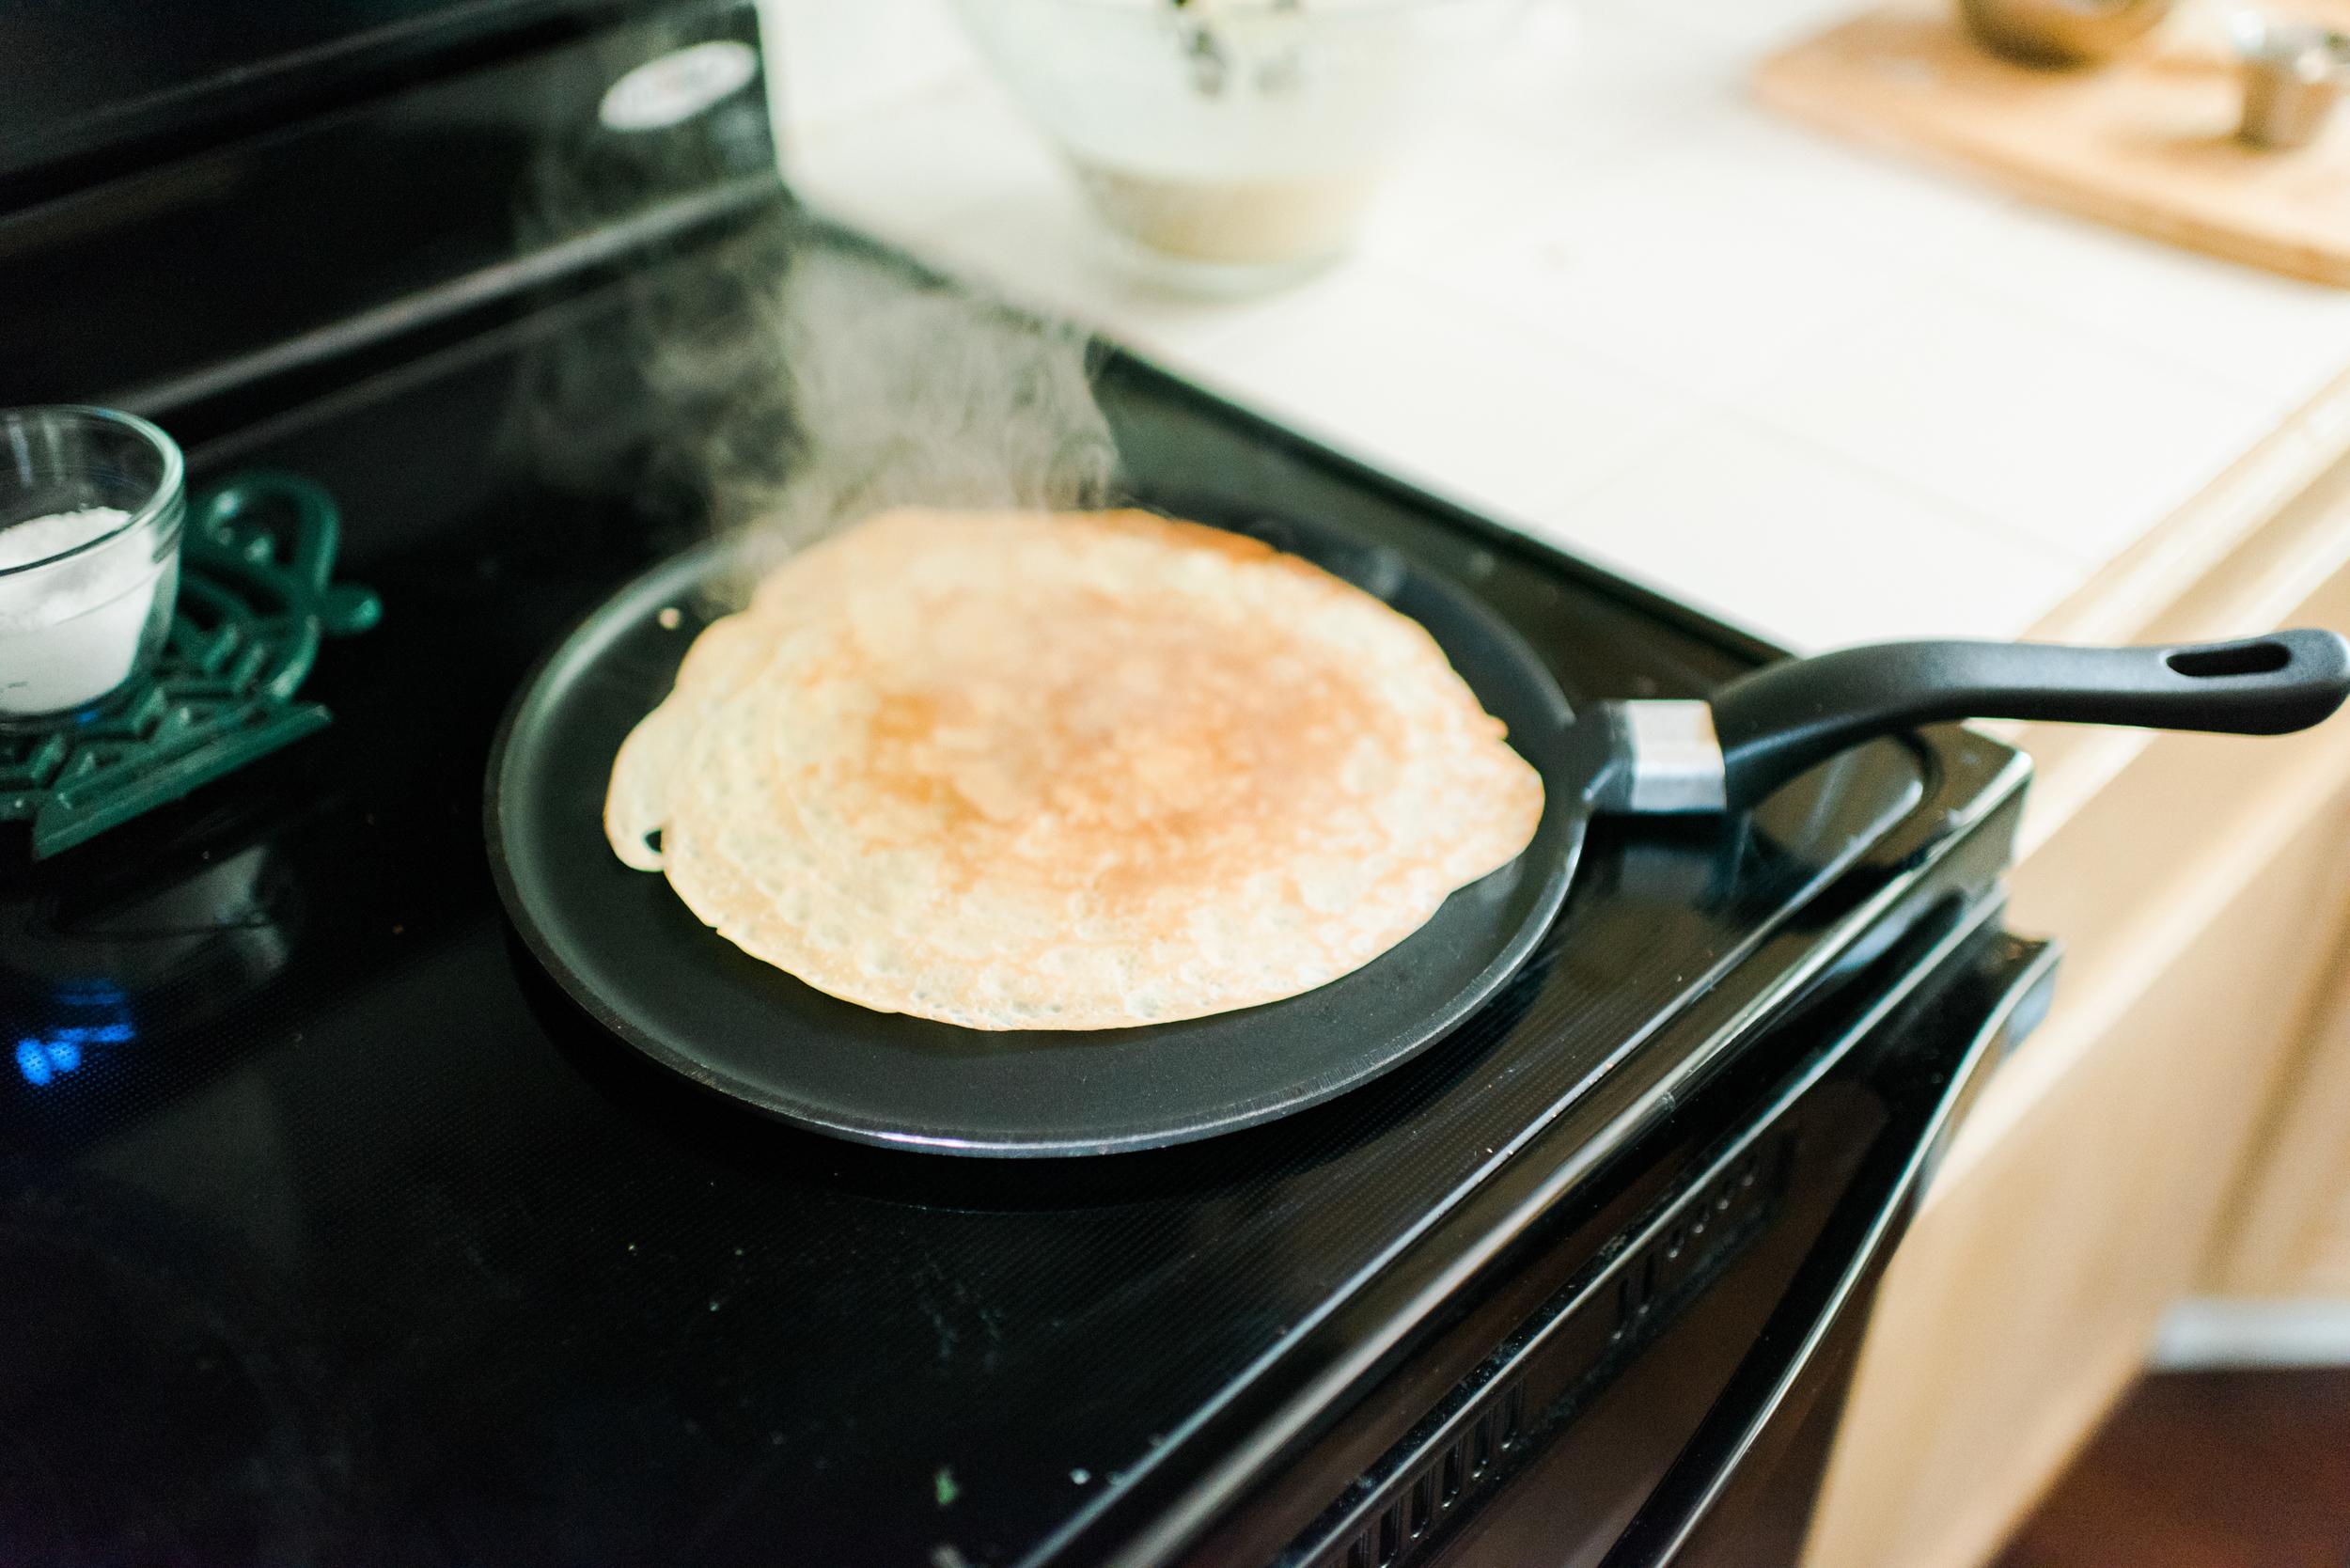 the-best-homemade-crepe-recipe-the-spice-girl-blog (29 of 36).jpg